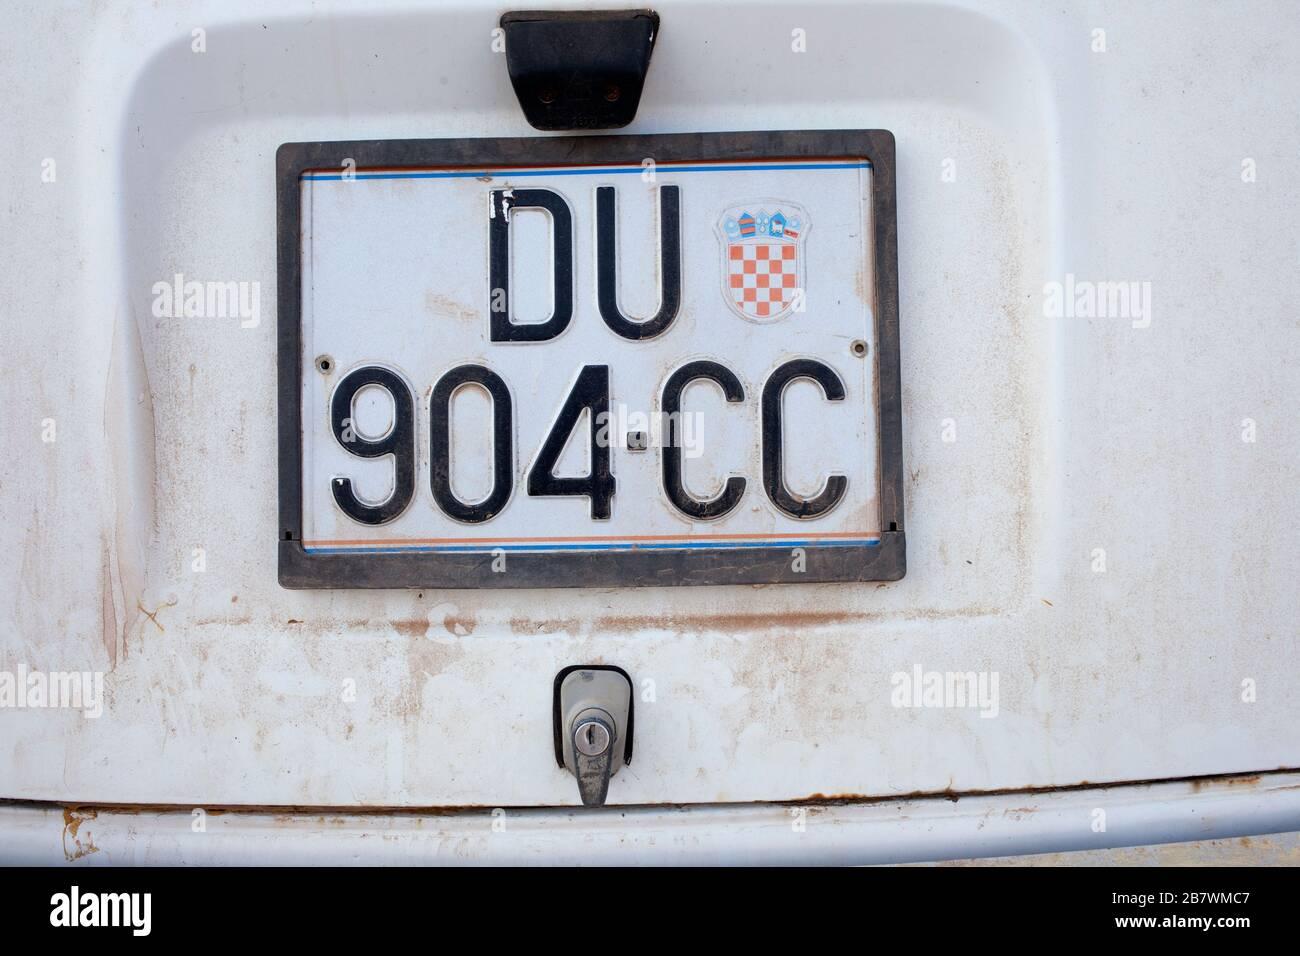 Plaque de voiture de Croatie. Croatie (Europe) Banque D'Images